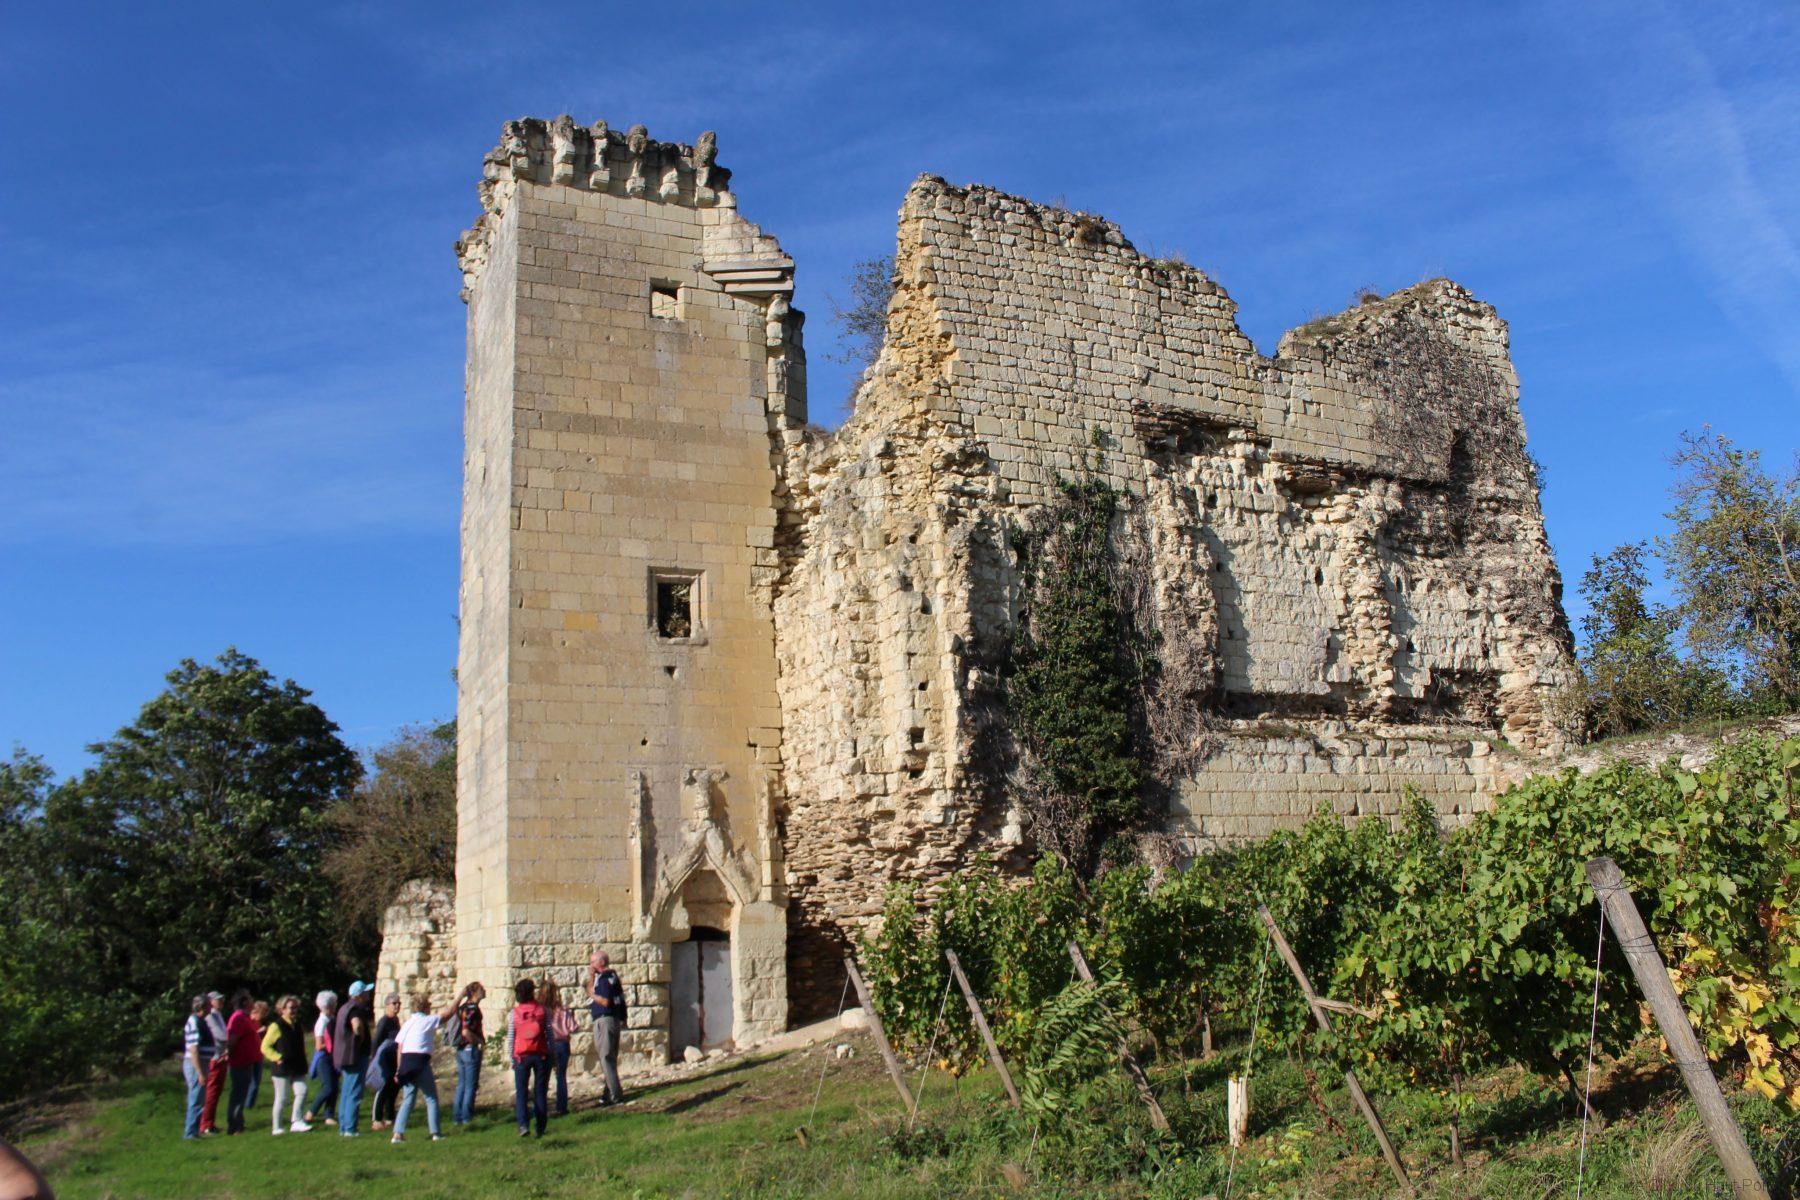 Le-Château-de-Beaumont